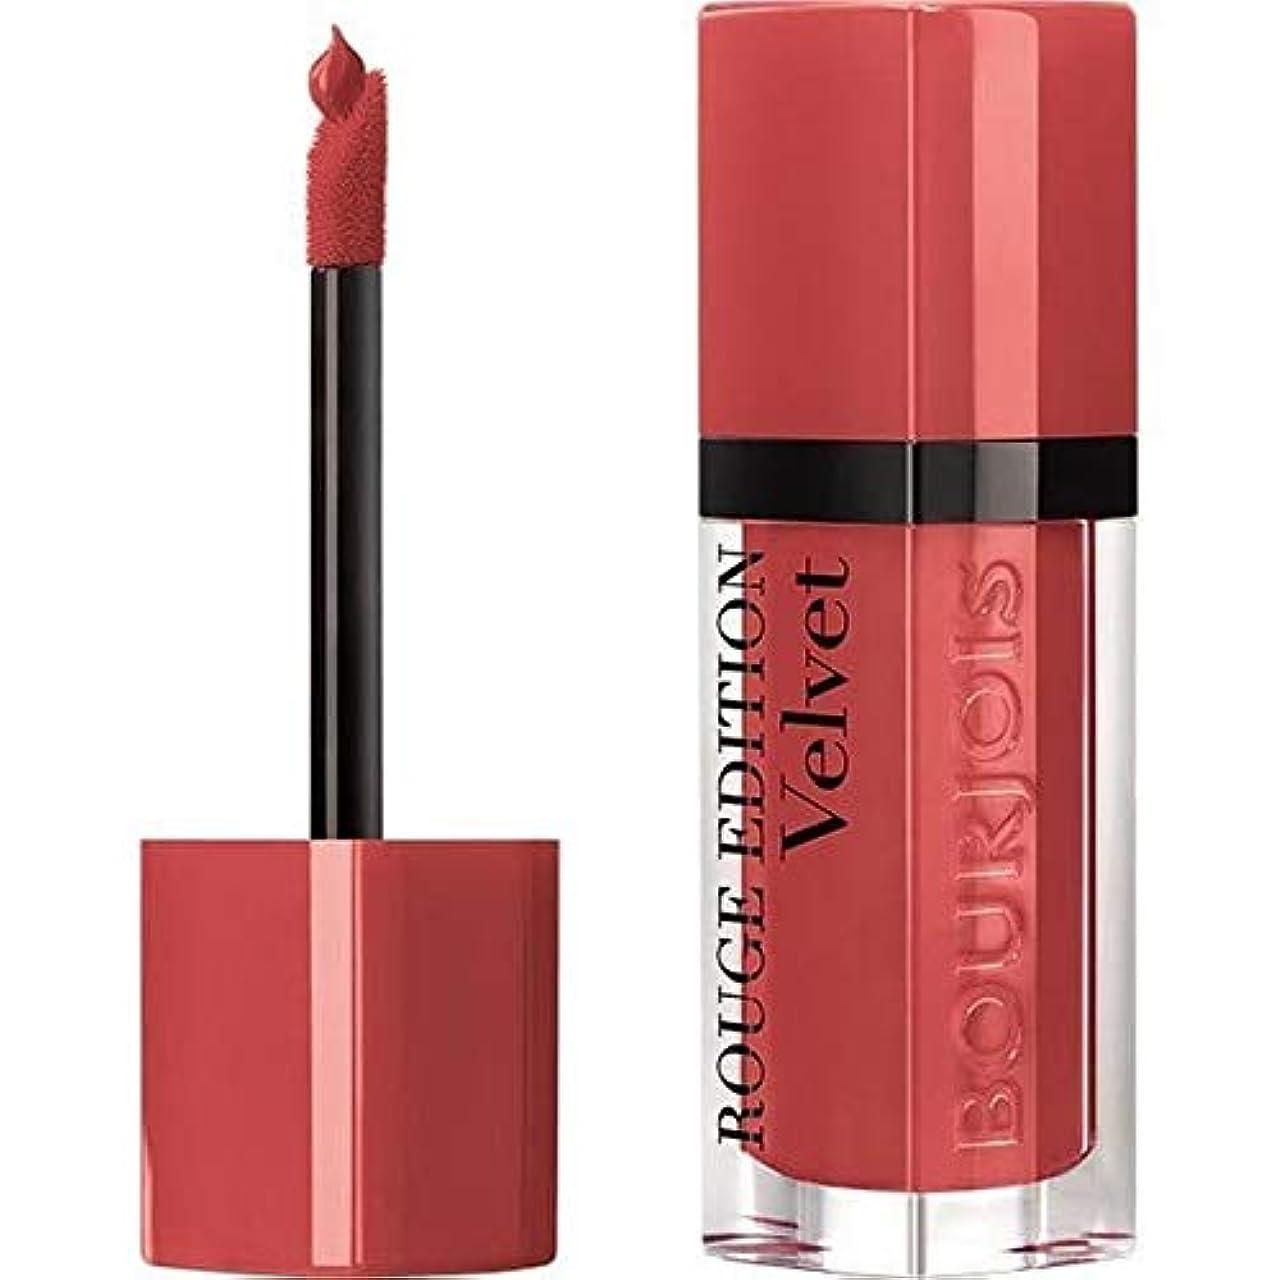 カメビクター退却[Bourjois ] ブルジョワルージュ版ベルベットの口紅の桃クラブ4 - Bourjois Rouge Edition Velvet lipstick Peach Club 4 [並行輸入品]